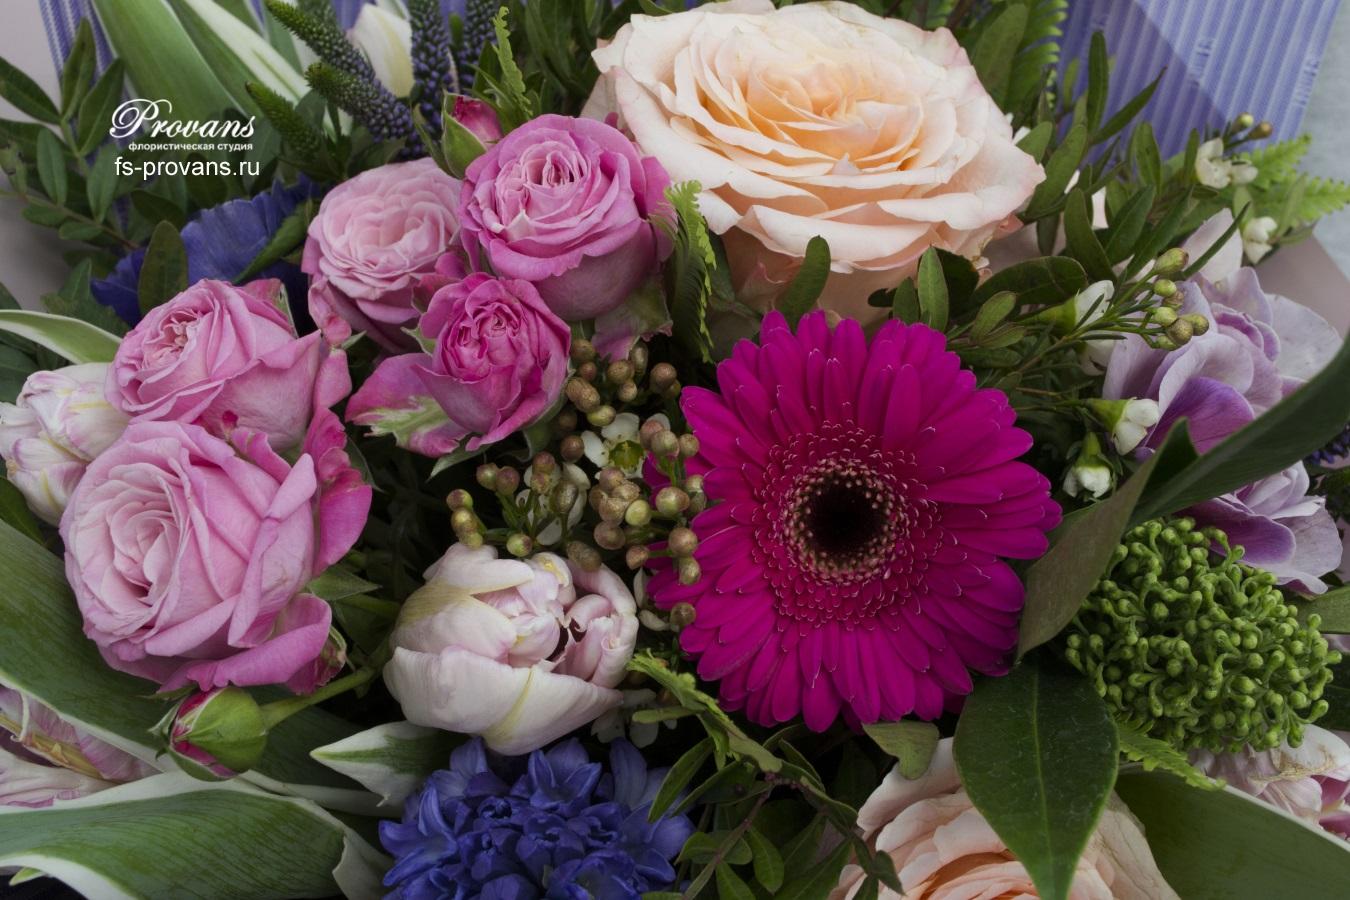 Букет на 8 марта. Роза, эустома, анемоны, тюльпаны, гербера